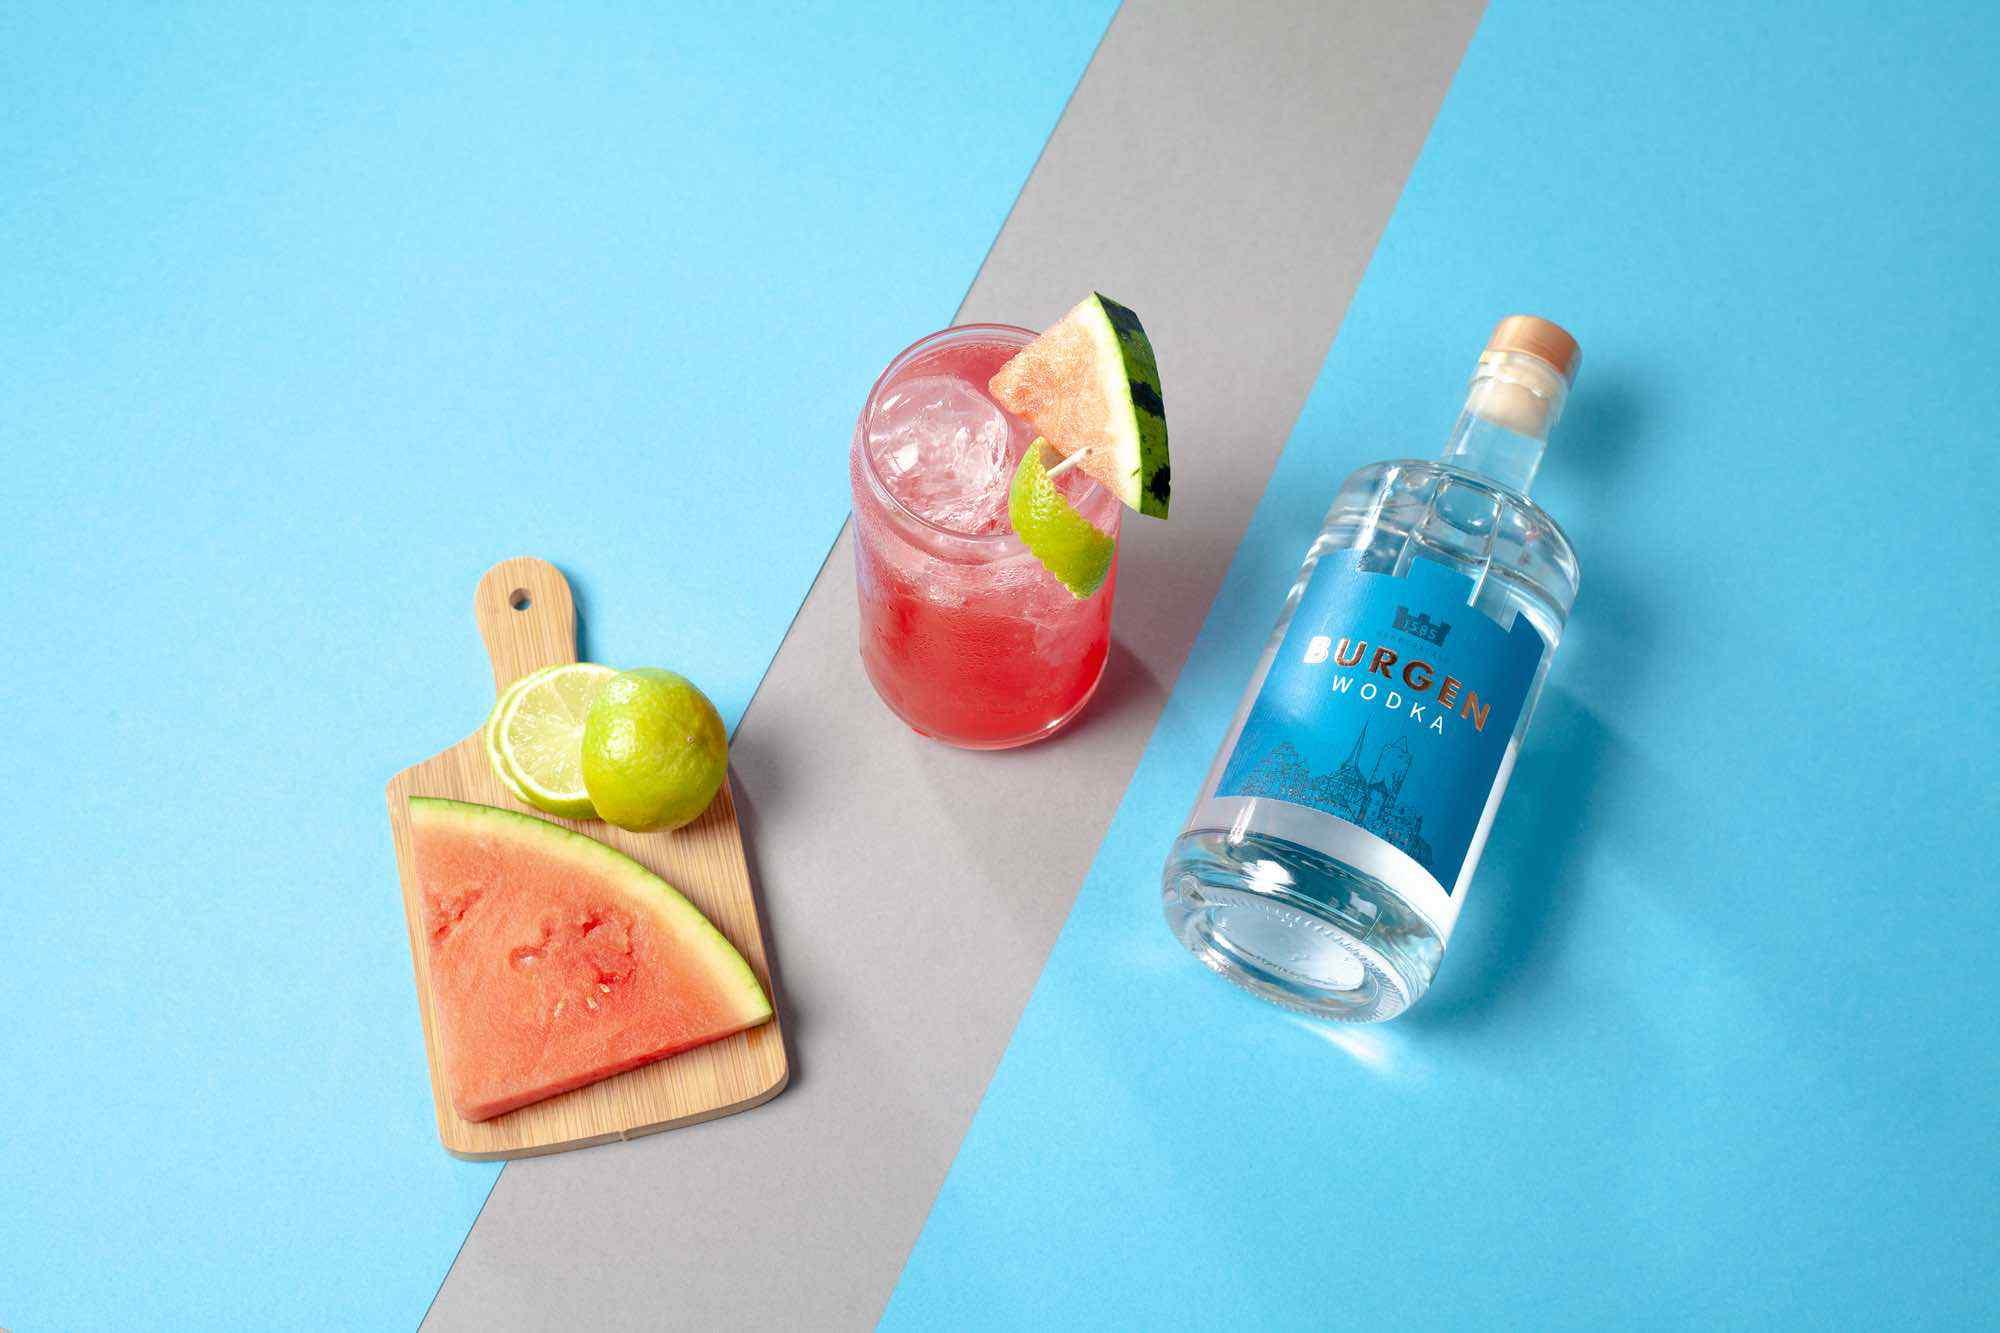 Burgen Wodka Cocktail